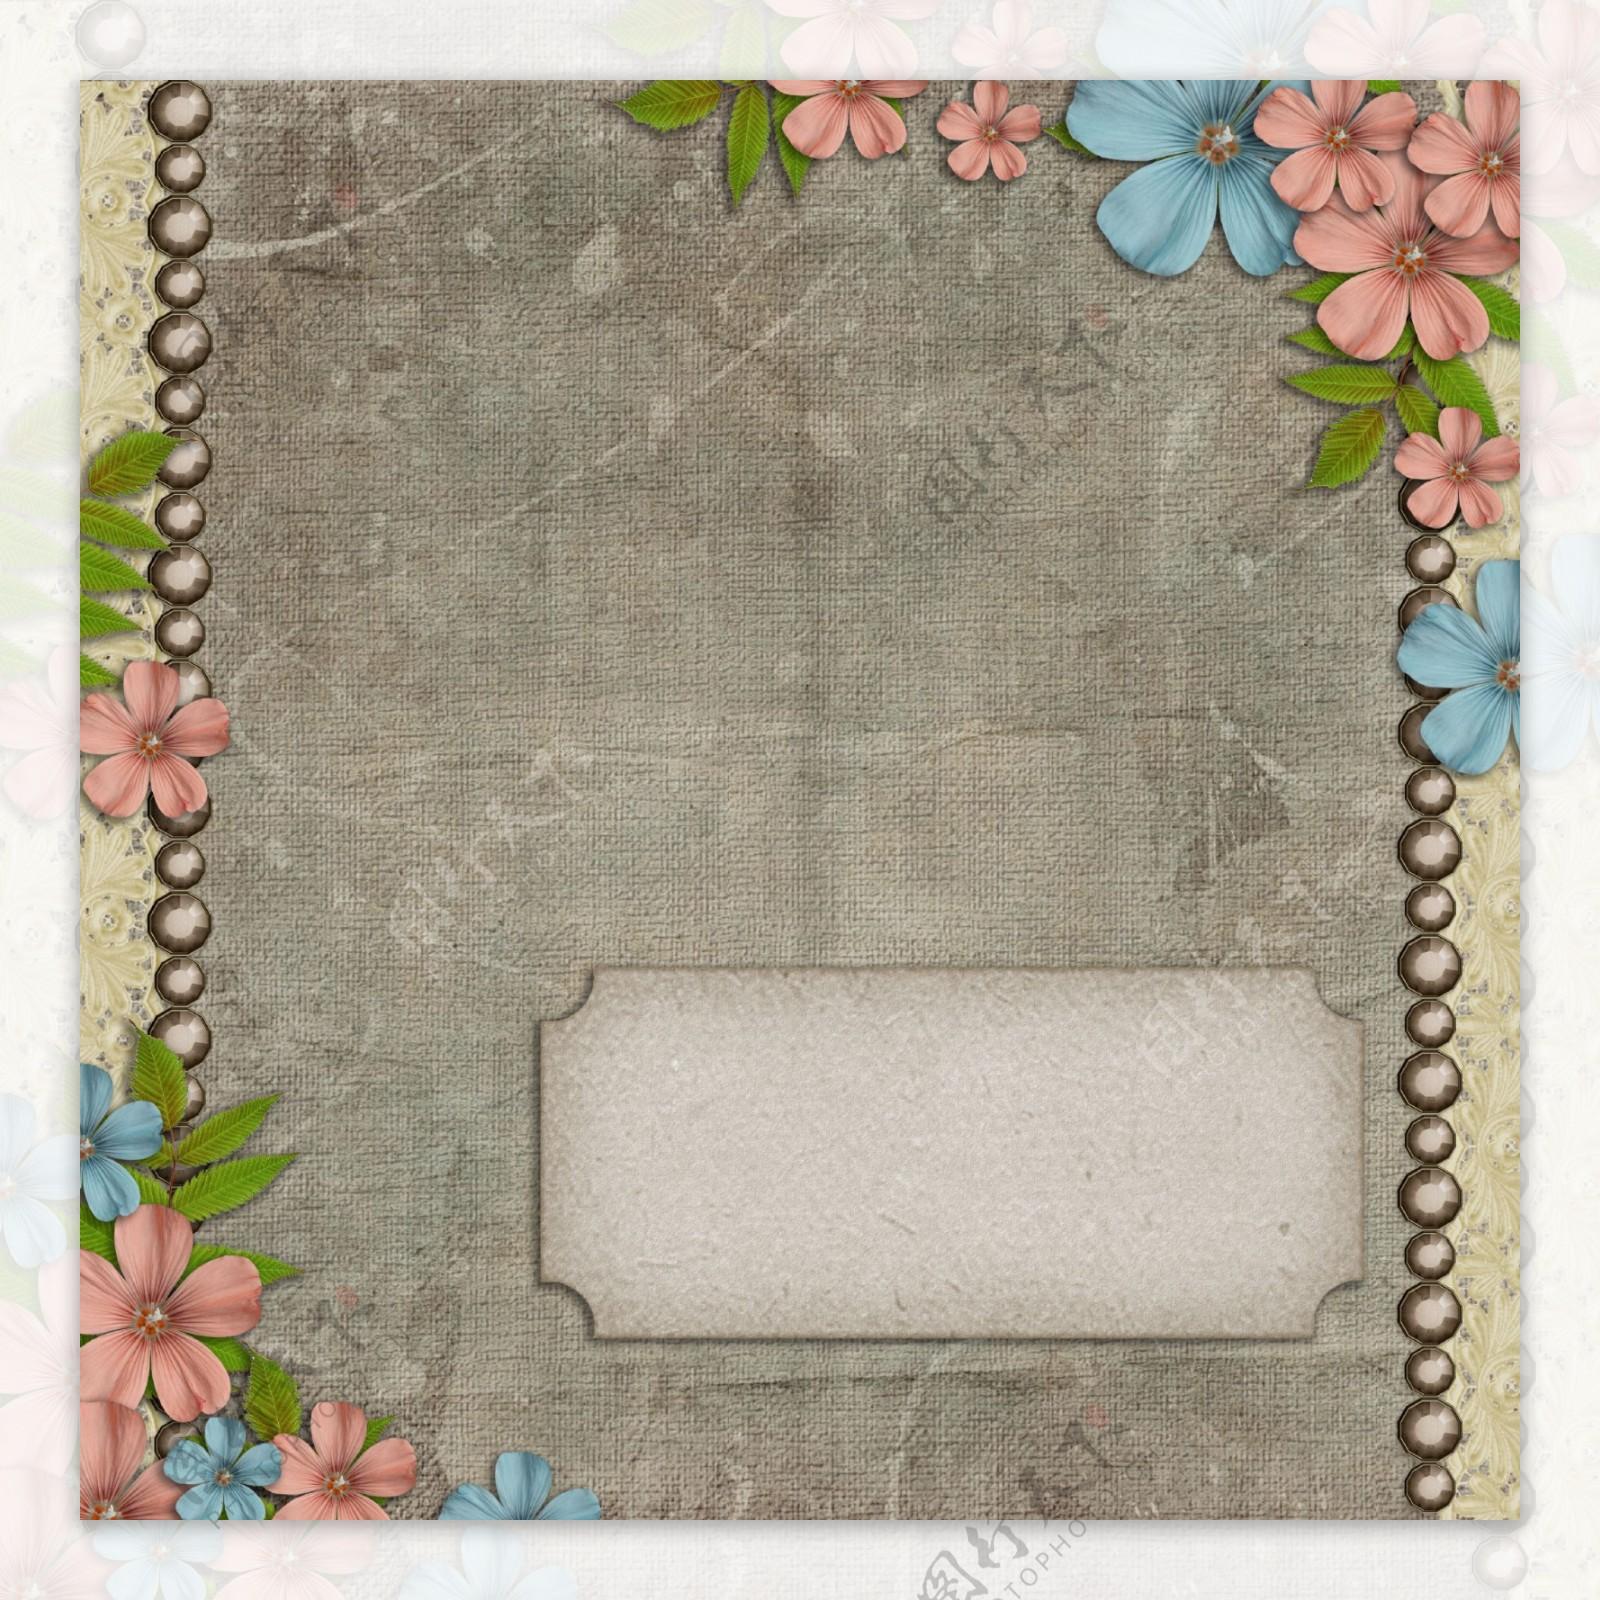 蓝色花朵暗纹边框磨砂背景高清图片素材